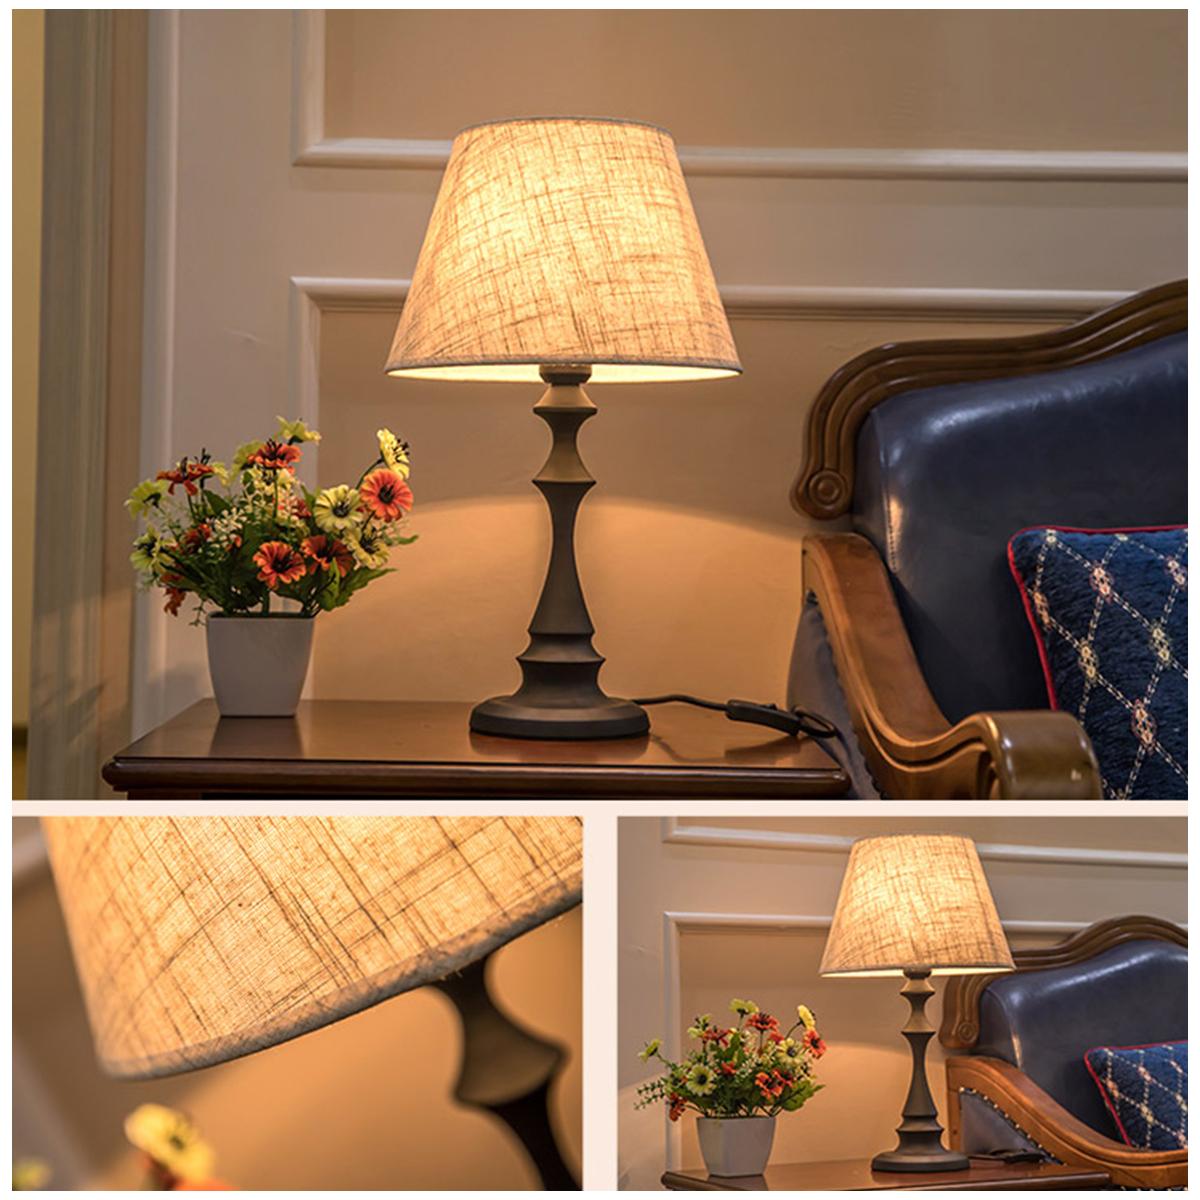 Đèn Để Bàn Hoàng Gia , Đèn Phòng Ngủ DN-300 - Trang Trí Phòng Ngủ Đẹp, Phong Cách Nội Thất Phòng Ngủ Sang Trọng & Đẳng Cấp, Ánh Sáng Êm Dịu & Ấm Áp.